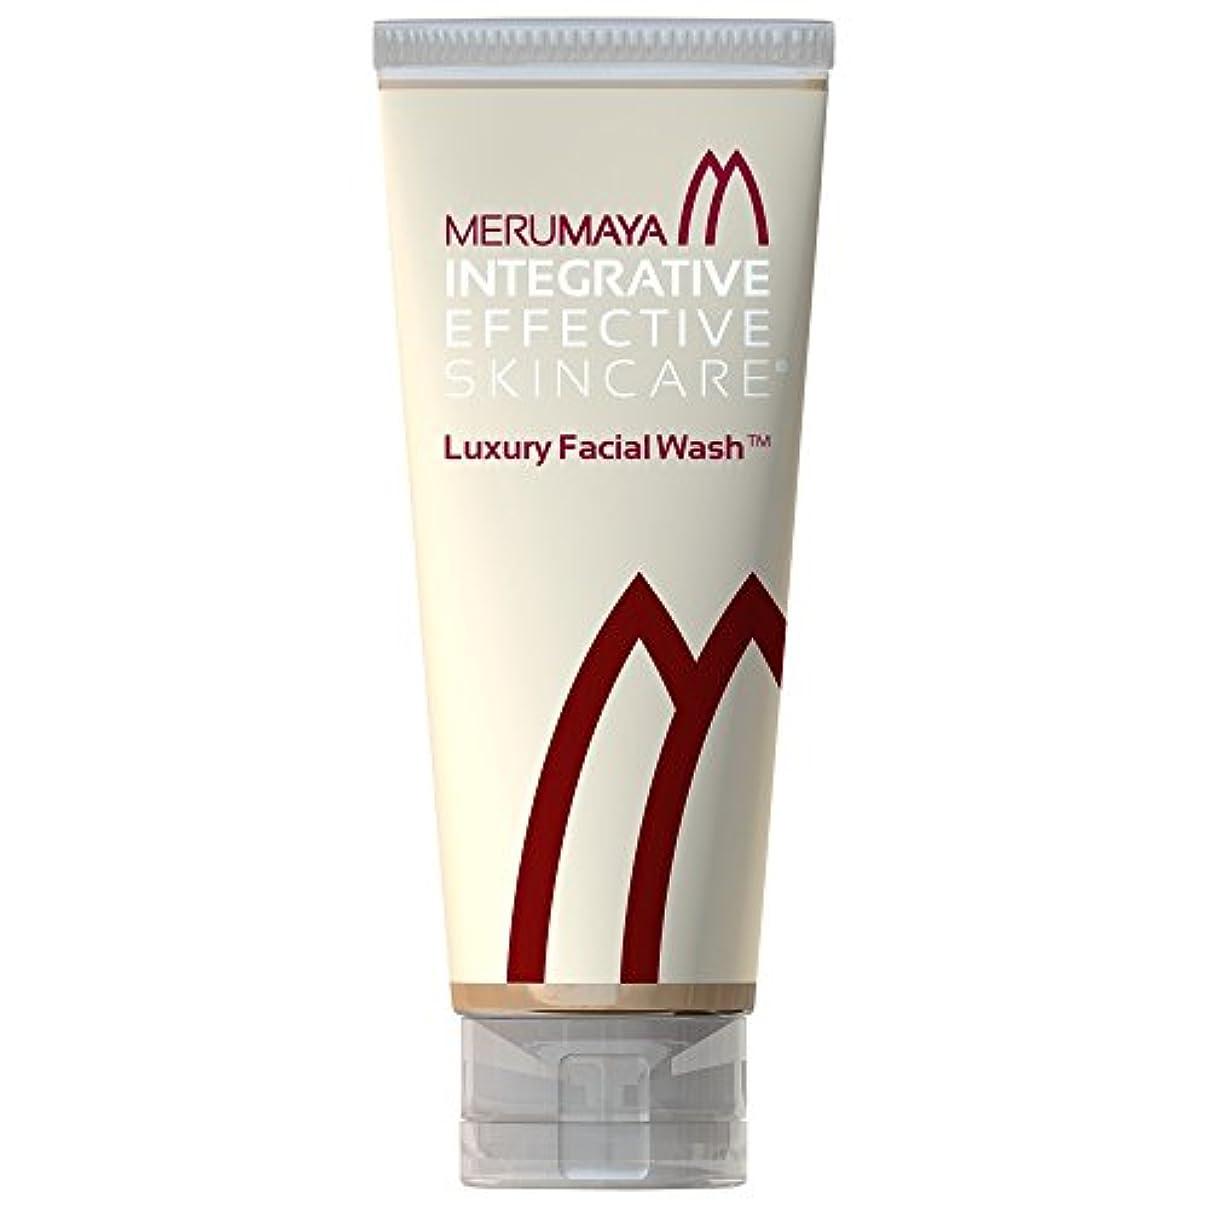 委員長サイトセントMerumaya高級洗顔?、100ミリリットル (Merumaya) (x2) - MERUMAYA Luxury Facial Wash?, 100ml (Pack of 2) [並行輸入品]